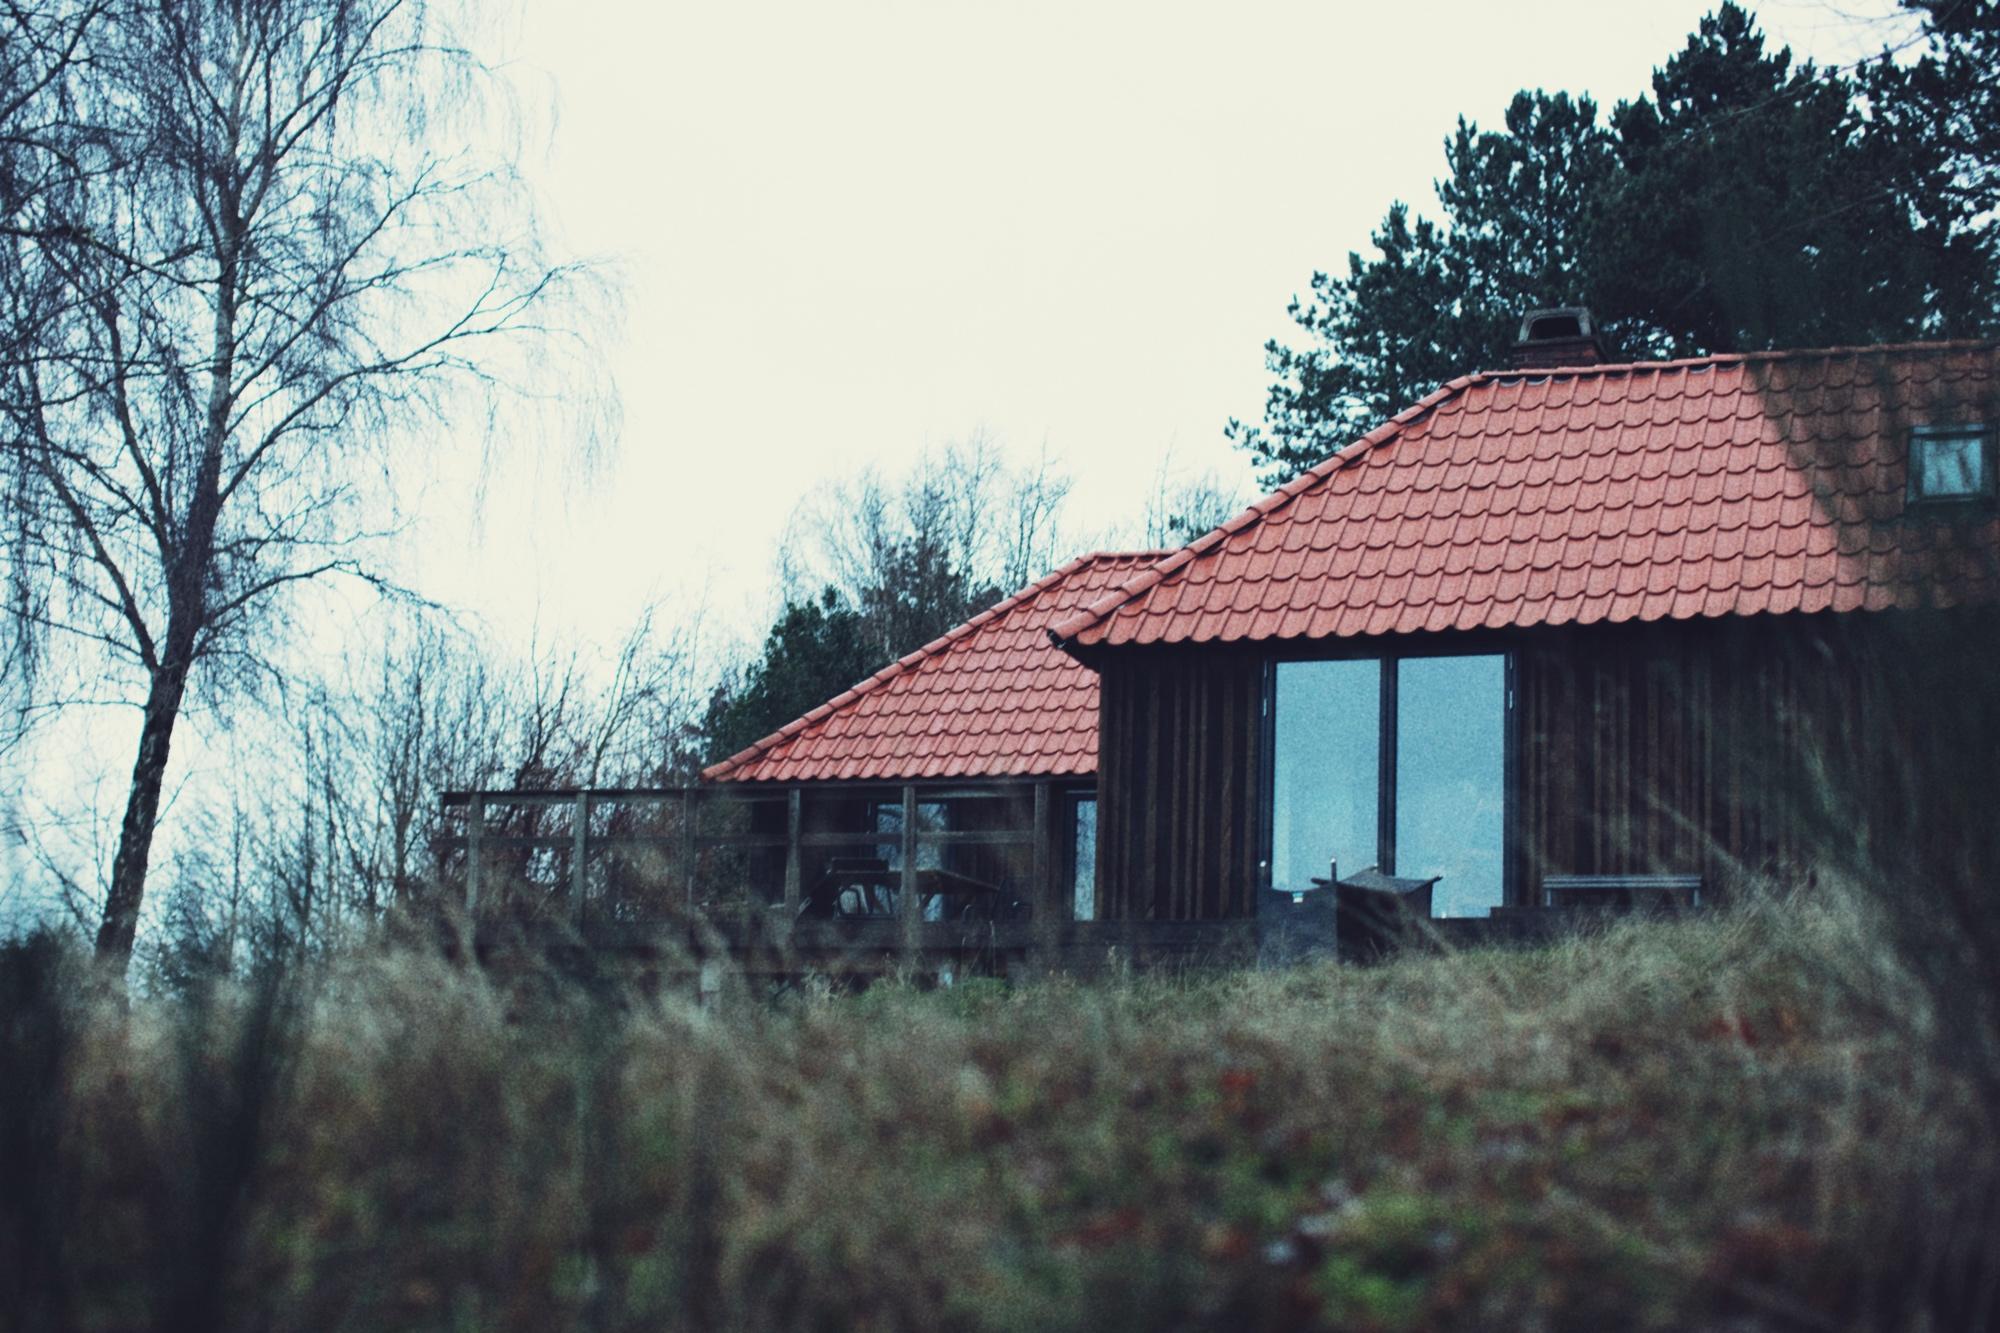 Danske LandFolk starter med at udleje ferieboliger i Danmark, næste år forventes ekspansion til det meste af Norden. Pressefoto: Landfolk.com